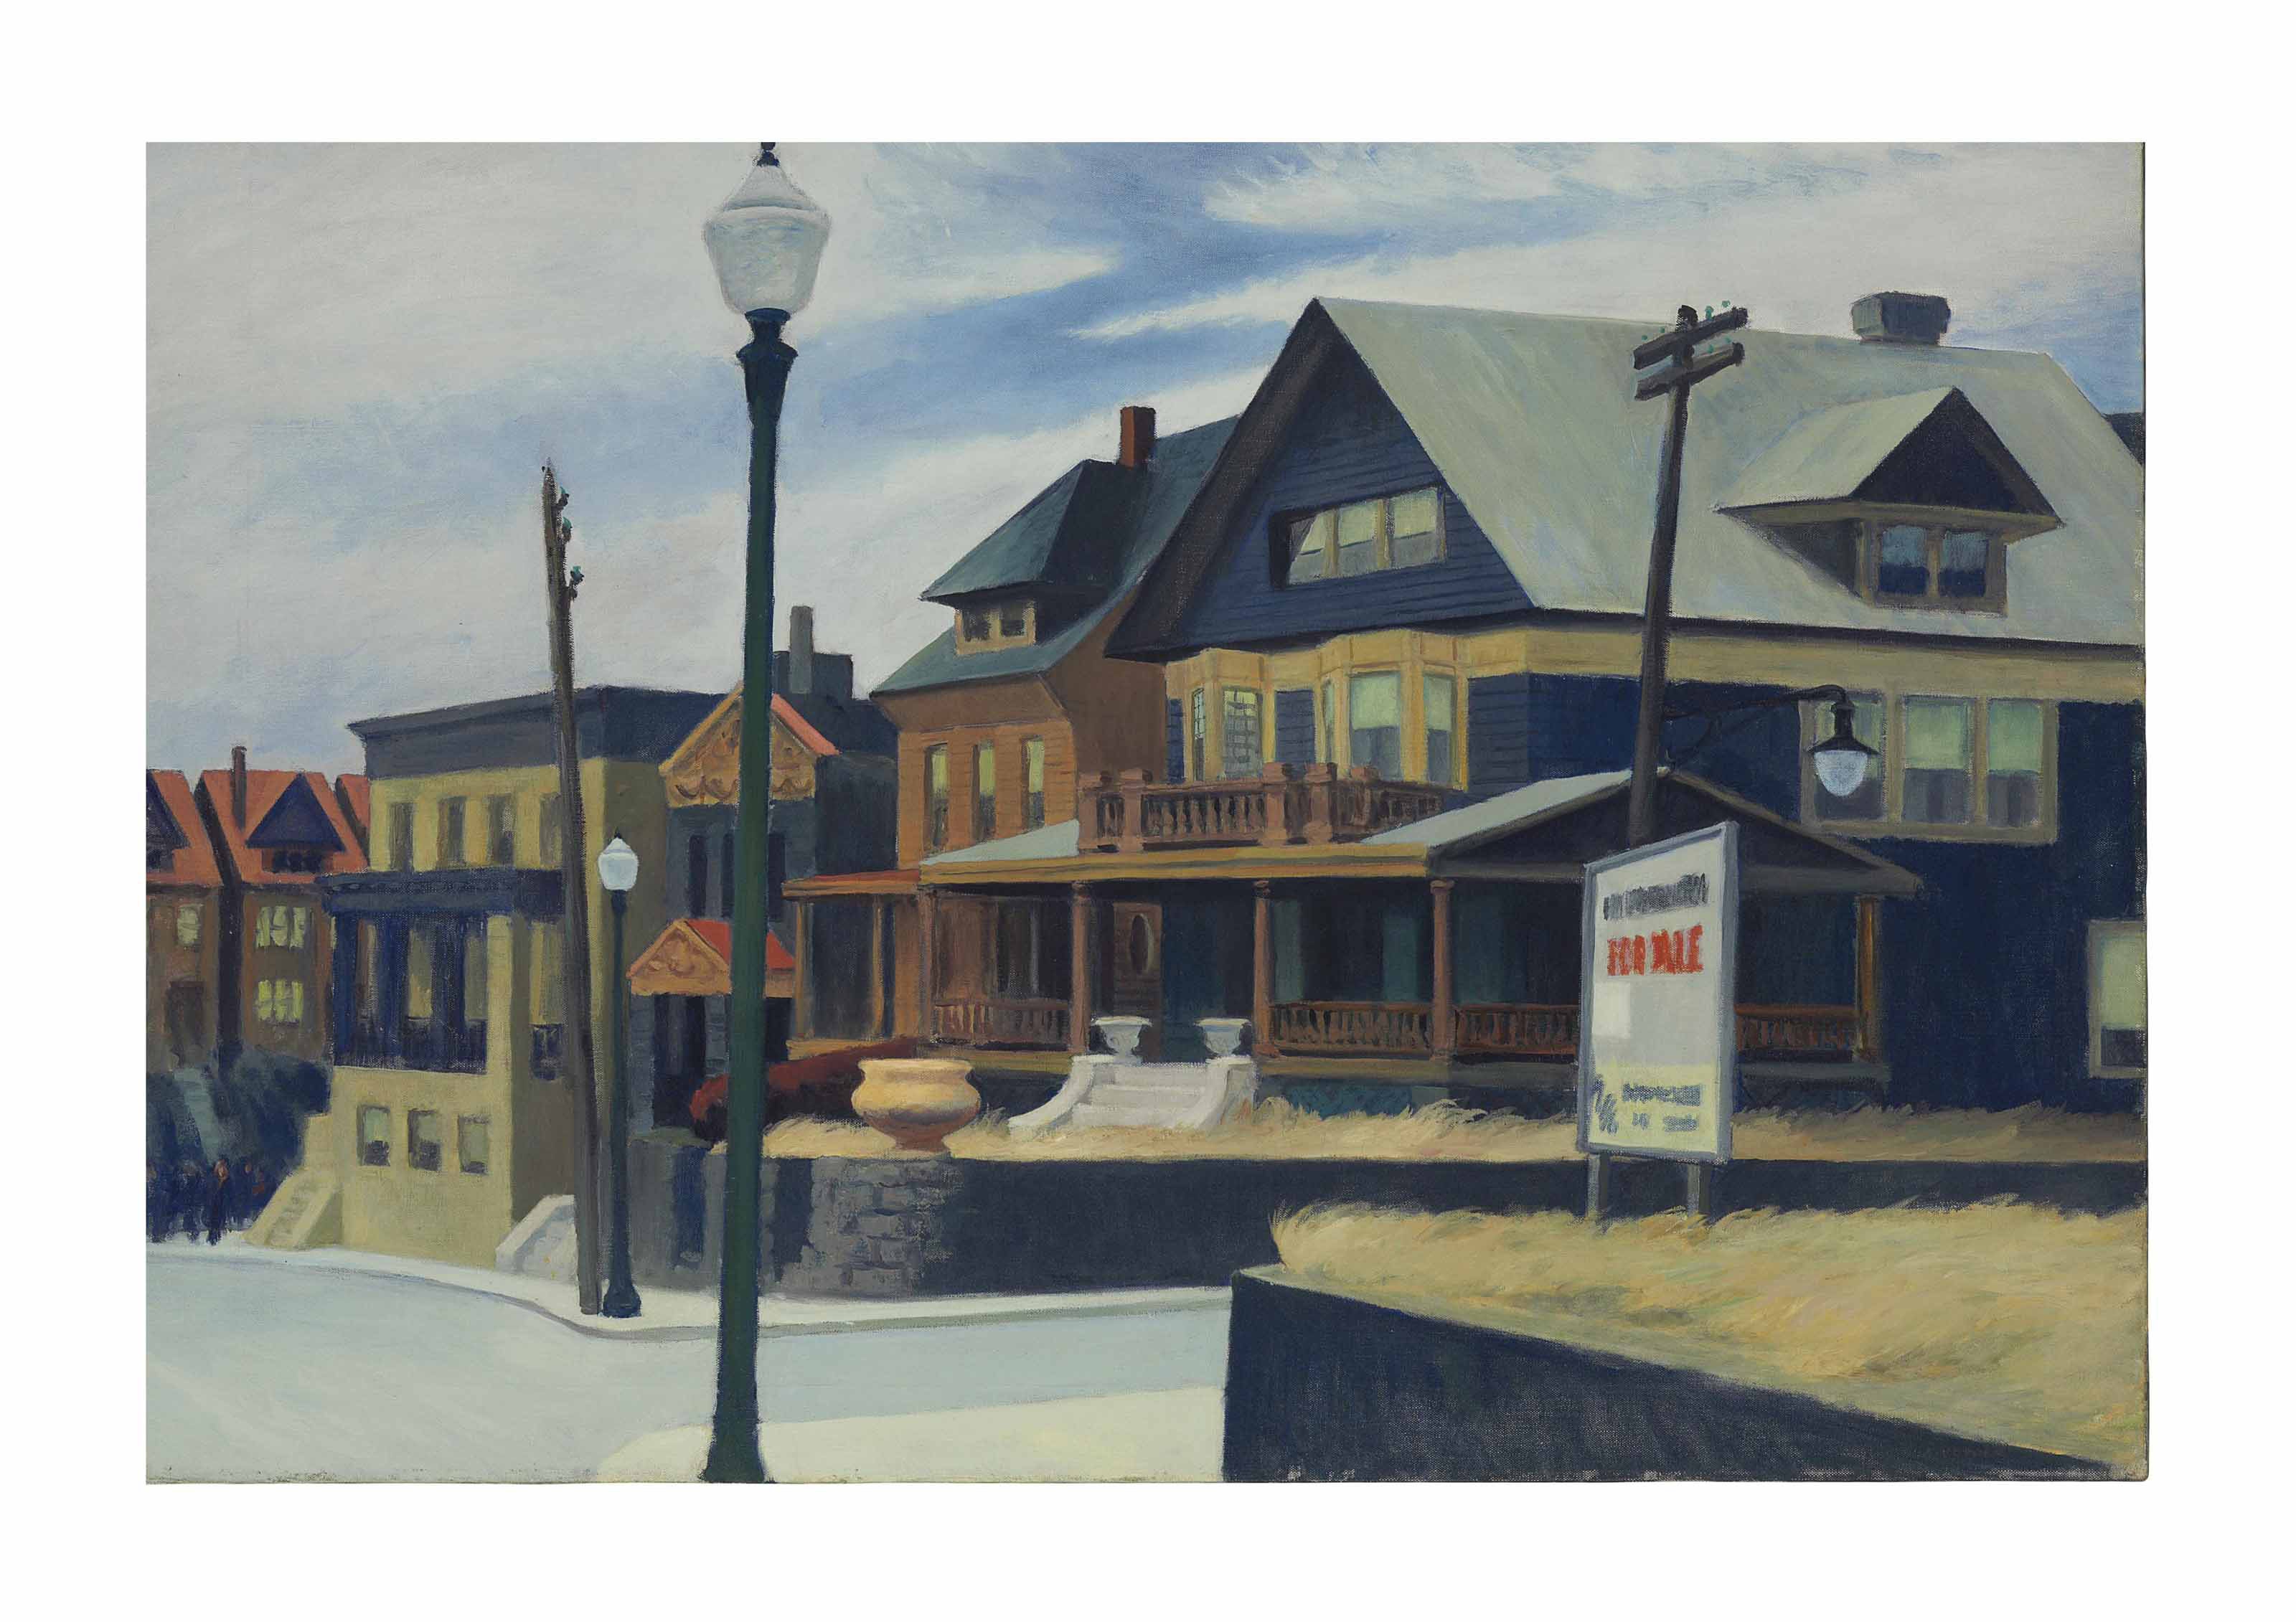 Audio: Edward Hopper, East Wind Over Weehawken